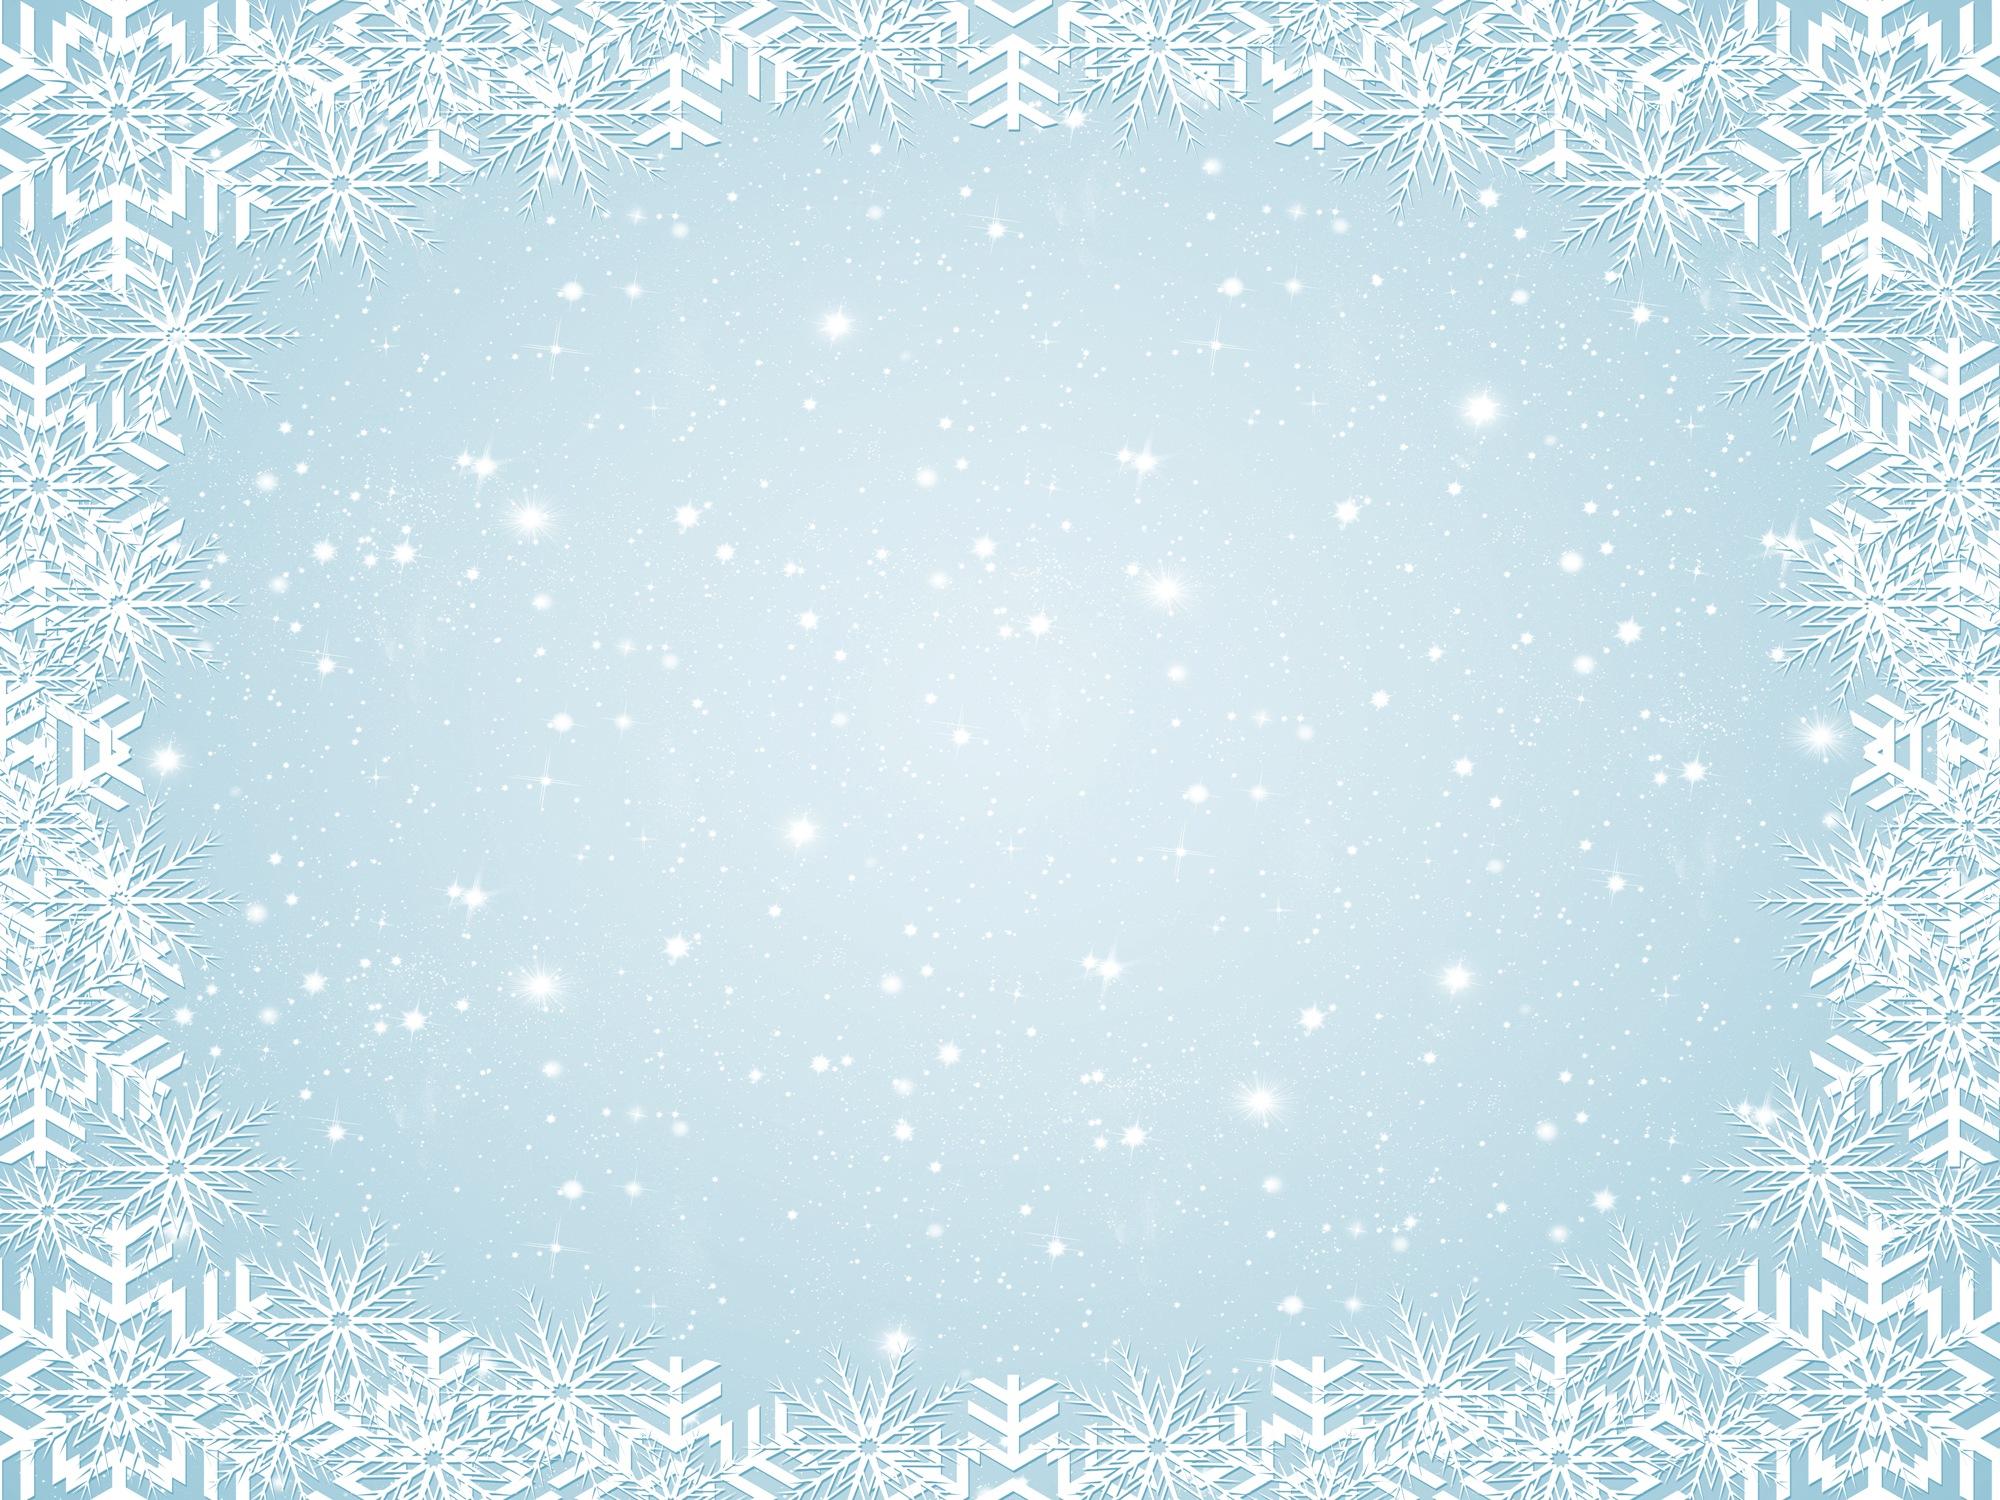 как густо фон для открытки зима узнаете